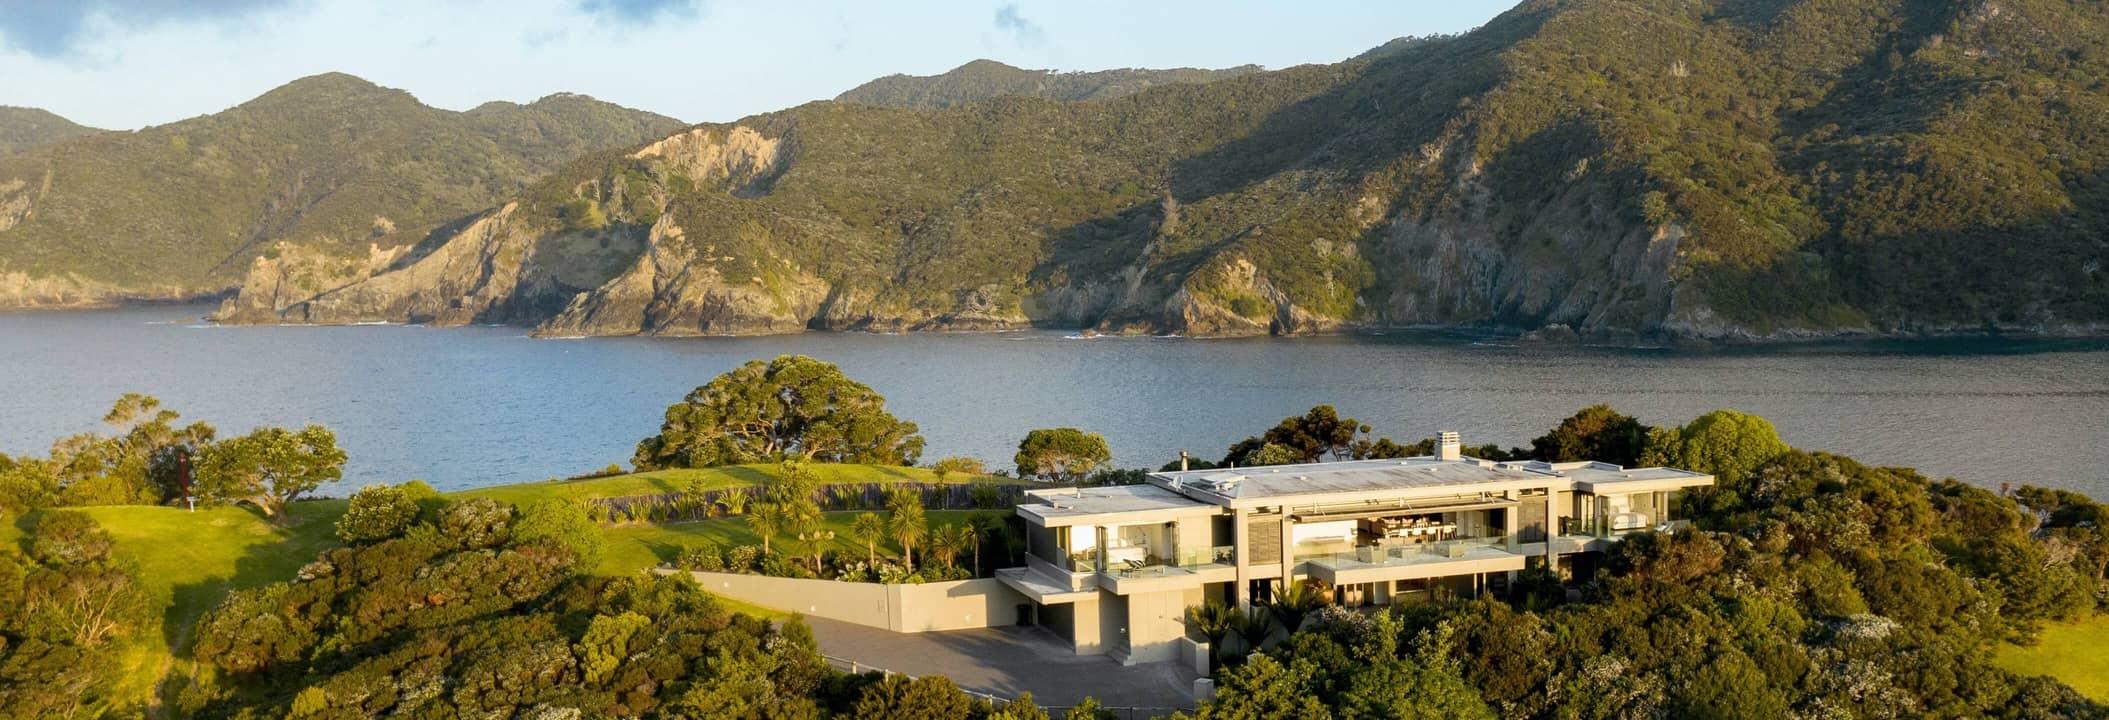 Luxury rentals in New Zealand